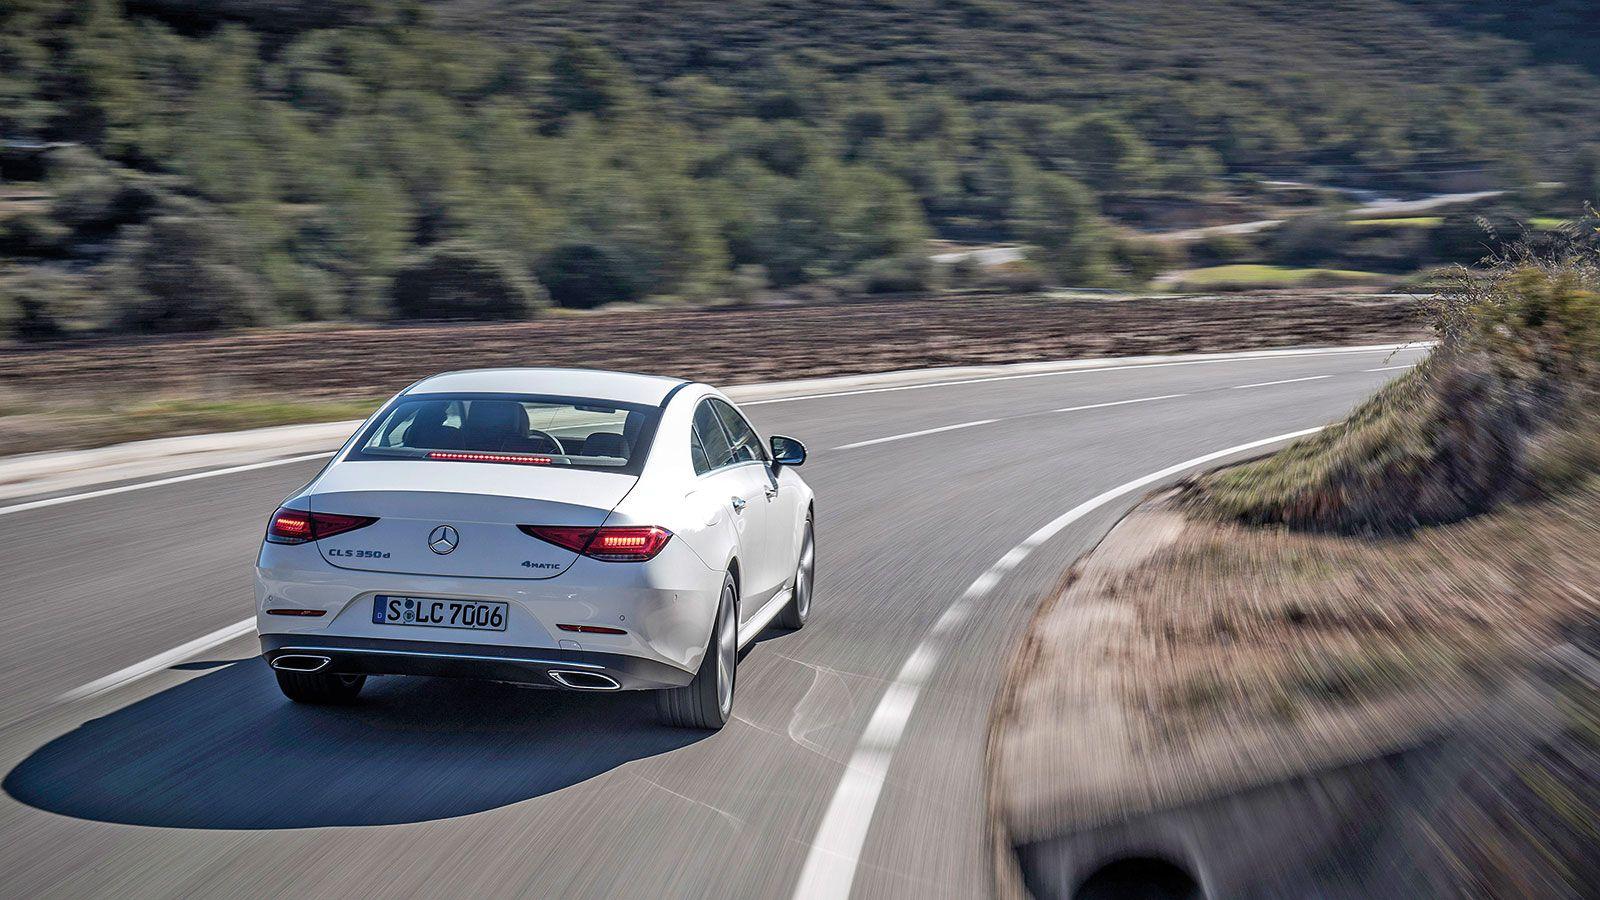 Οδηγήσαμε τη νέα Mercedes CLS Οδηγήσαμε τη νέα Mercedes CLS ... 5caf75db8c1